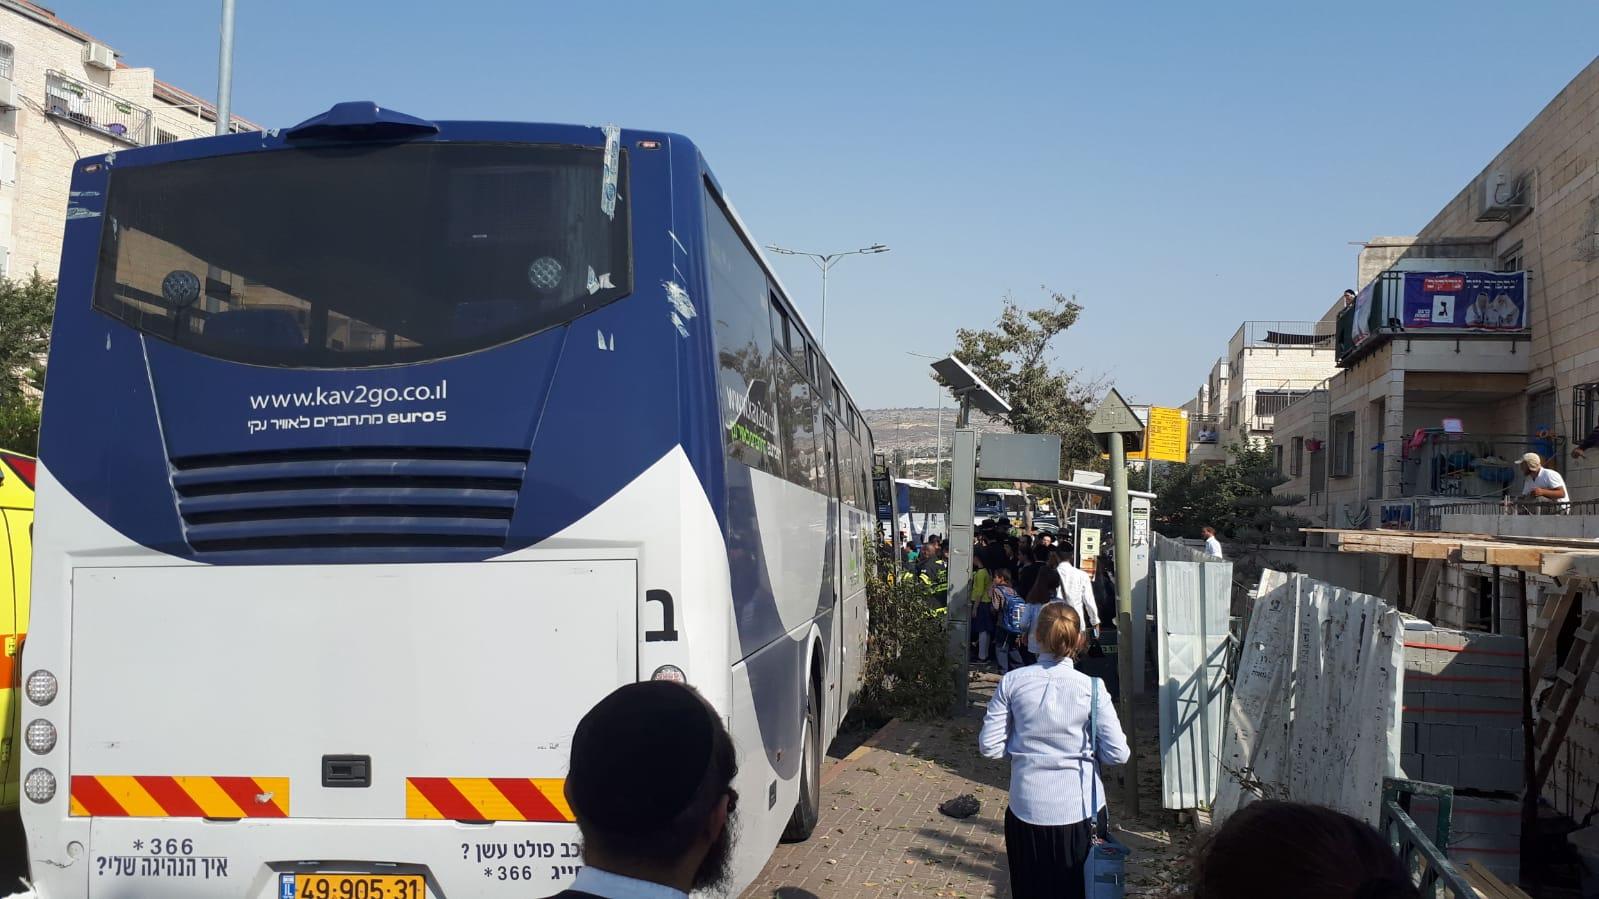 עשרה פצועים בהתנגשות אוטובוס בתחנה ברחוב מעזריטש בעיר